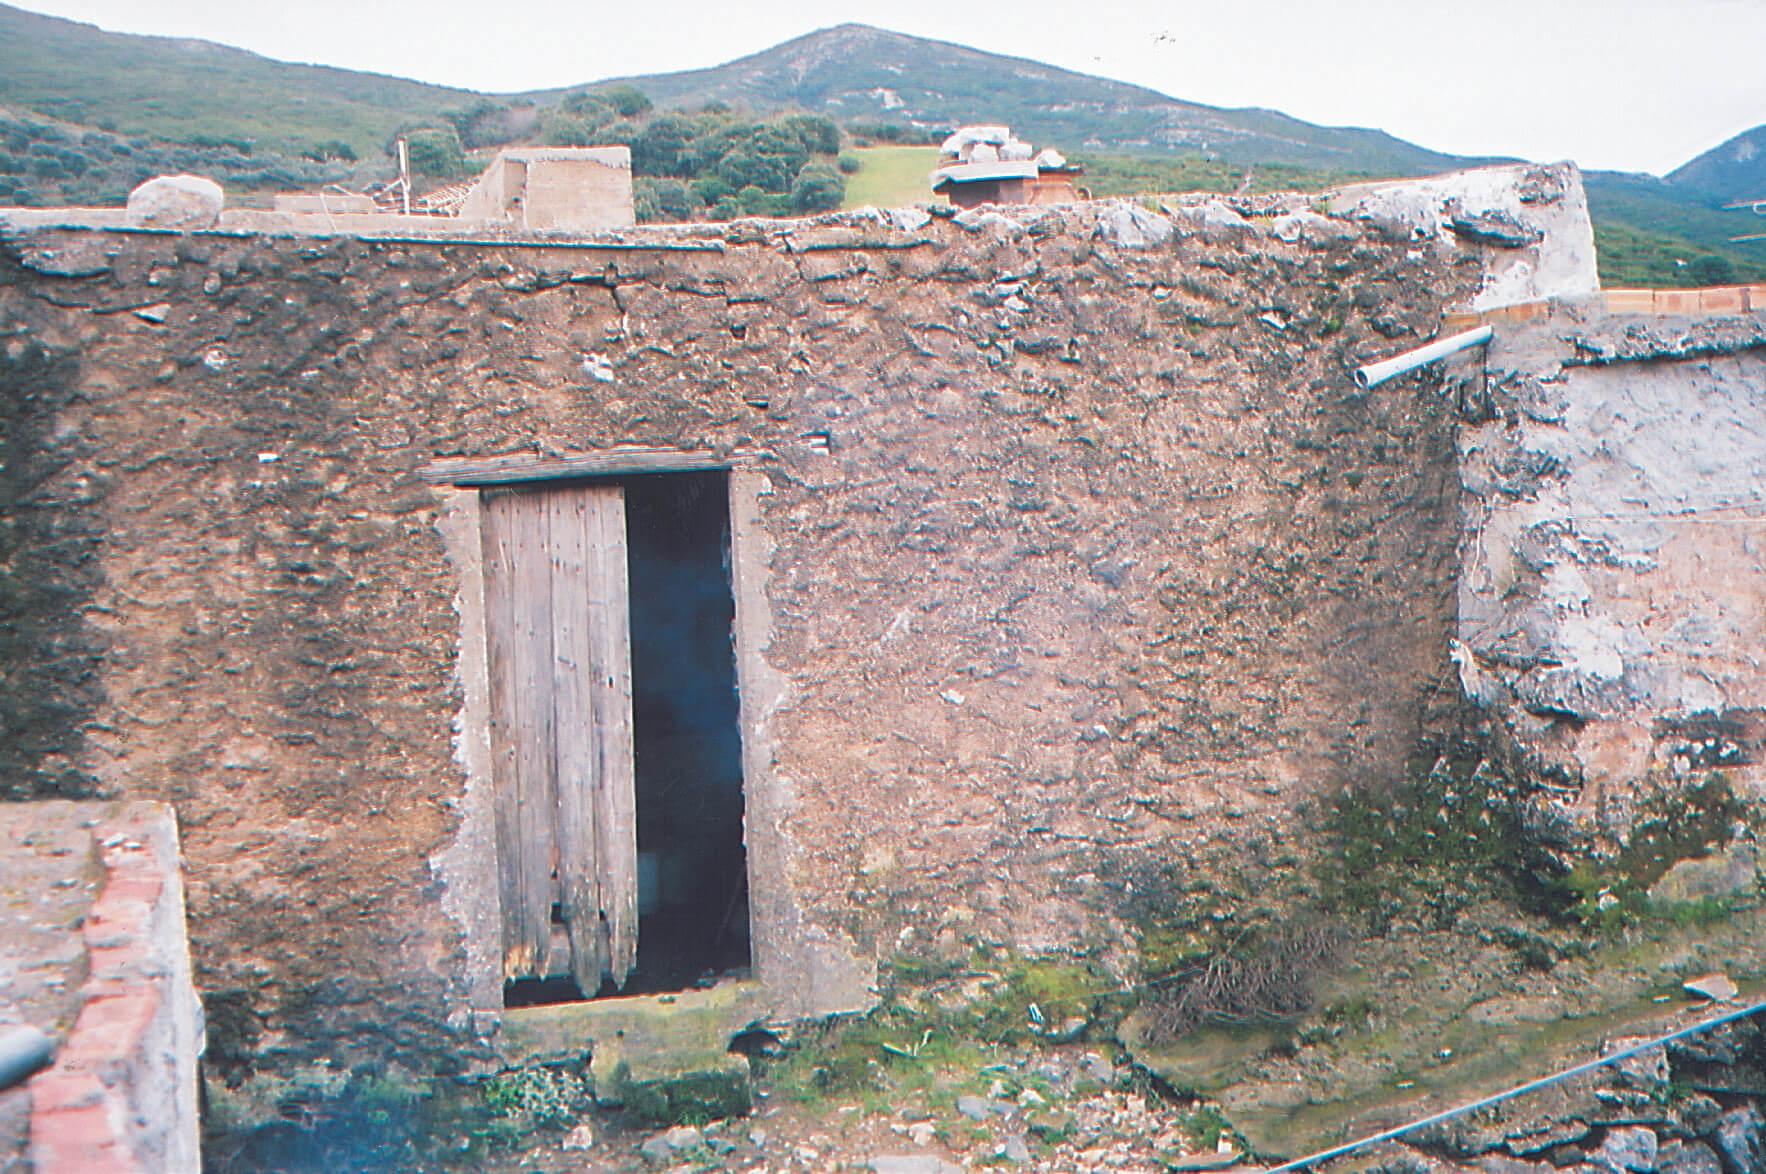 Τό πατρικό σπίτι τοῦ π. Νικηφόρου στό Σηρικάρι.